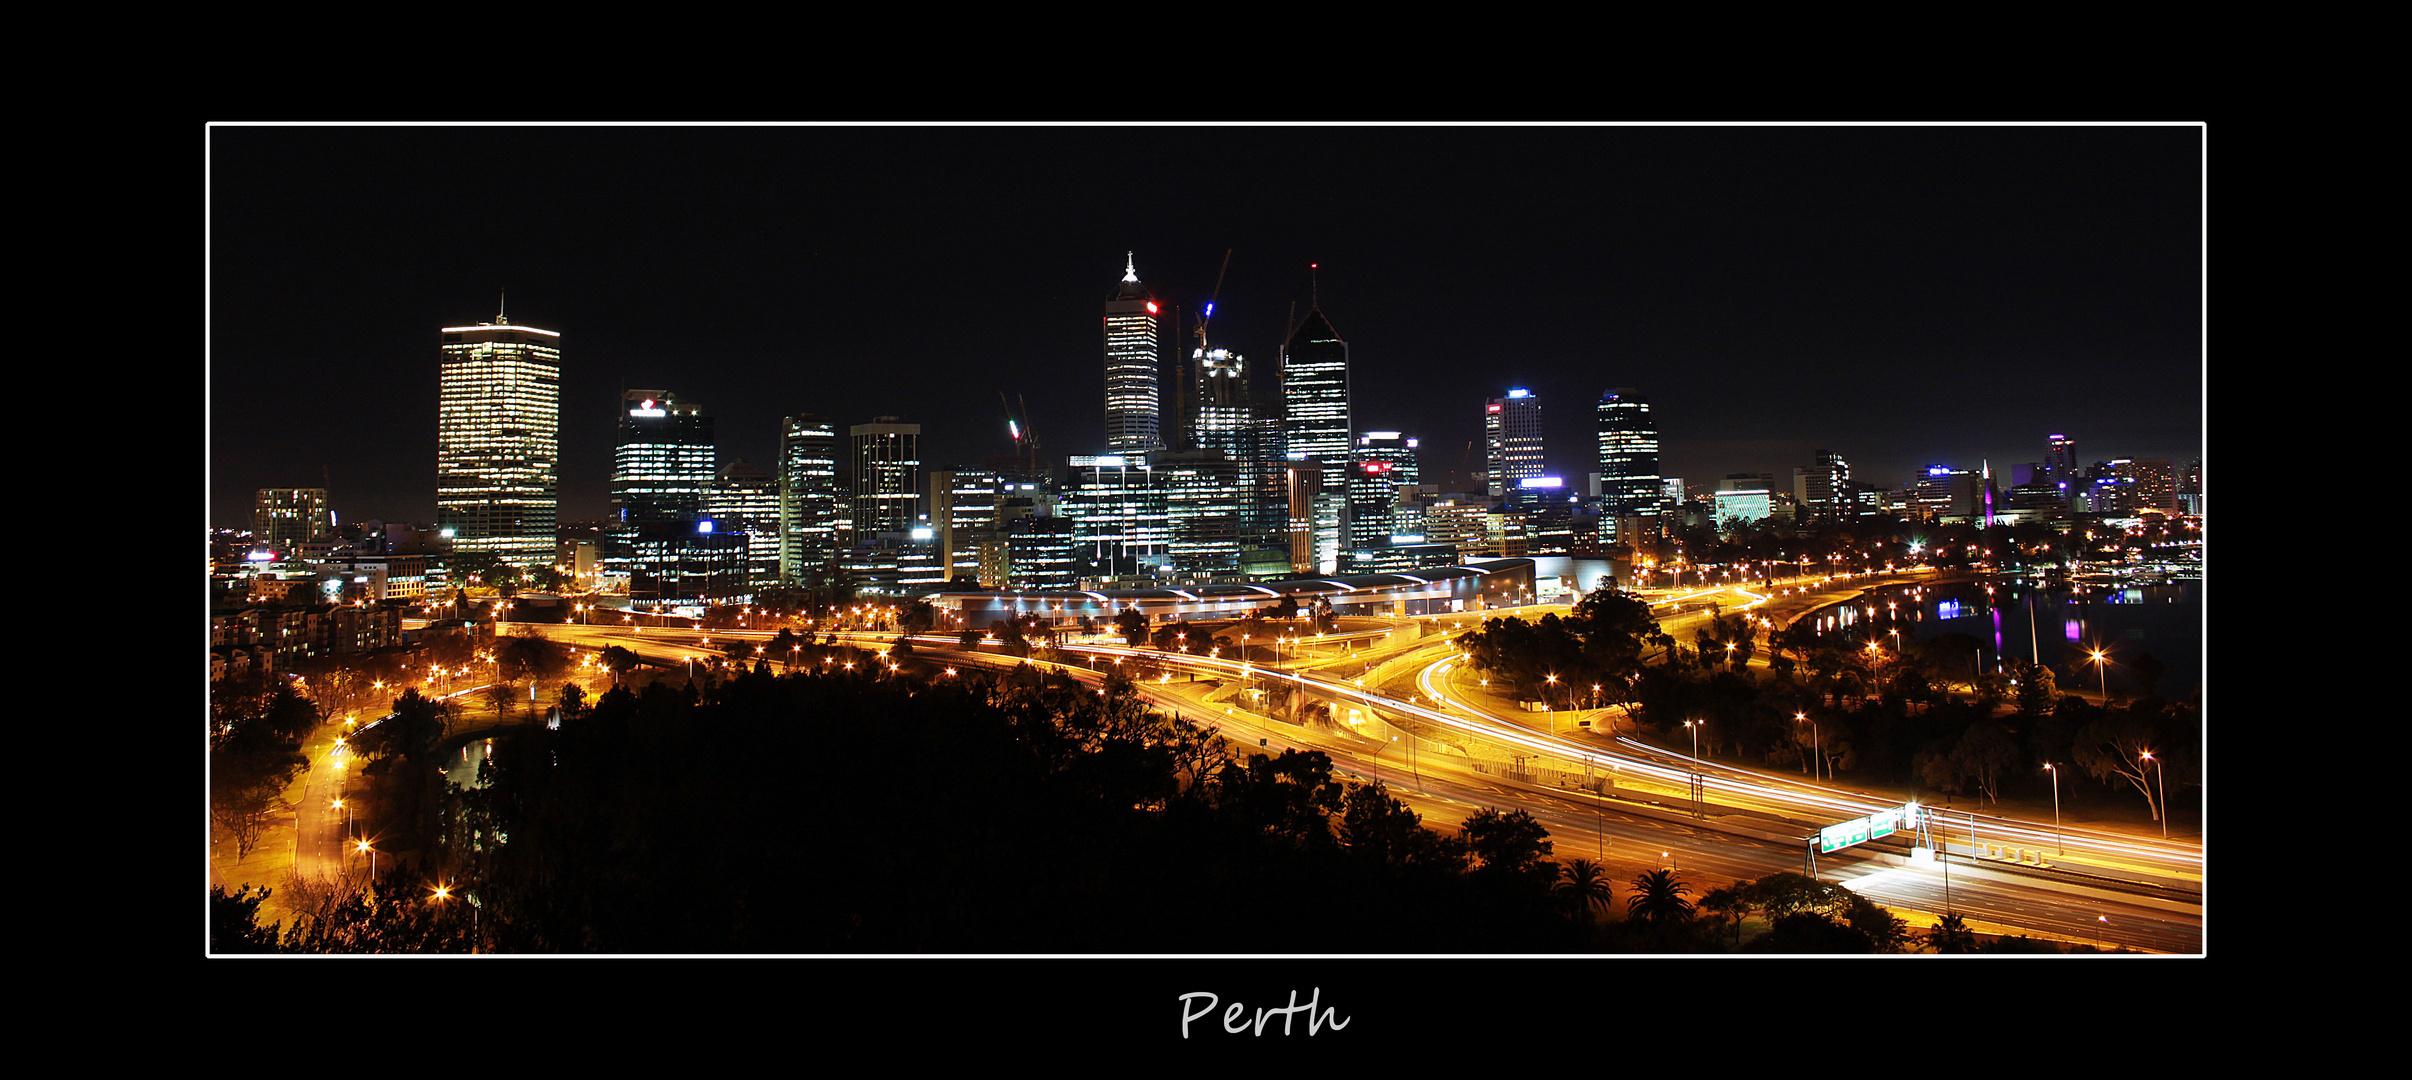 Perth's heart at night